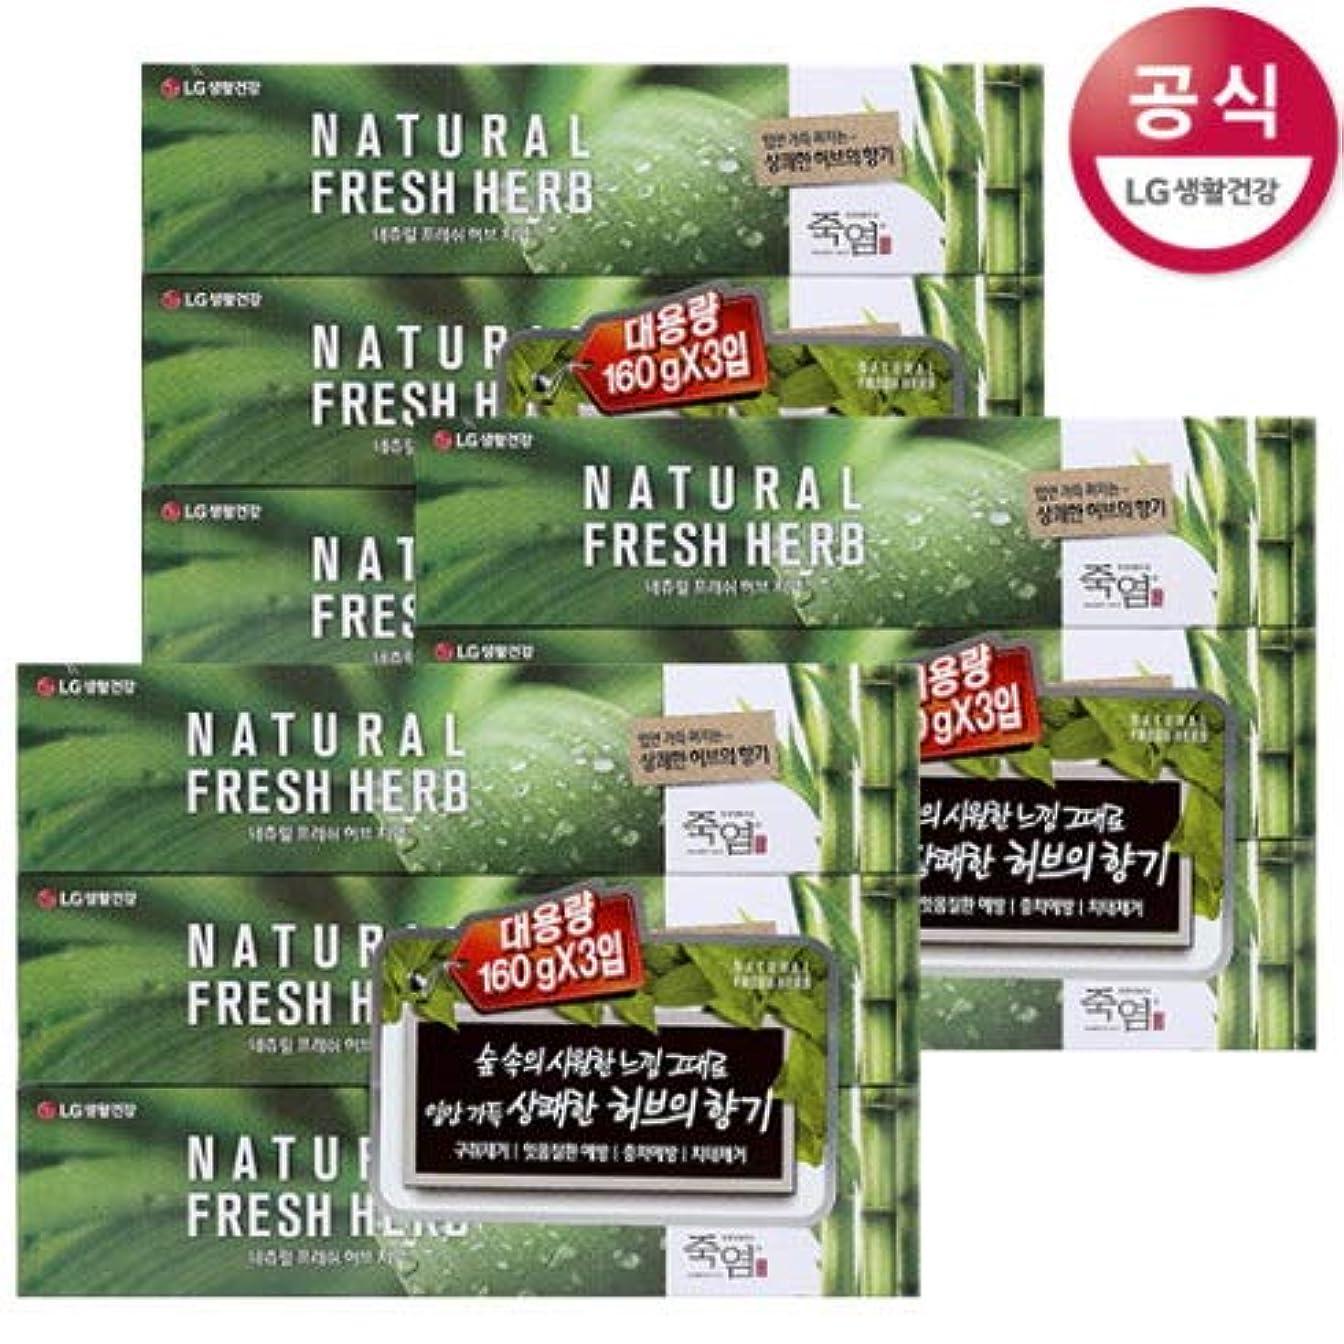 瞑想するジャンピングジャック突破口[LG HnB] Bamboo Salt Natural Fresh Herbal Toothpaste/竹塩ナチュラルフレッシュハーブ歯磨き粉 160gx9個(海外直送品)